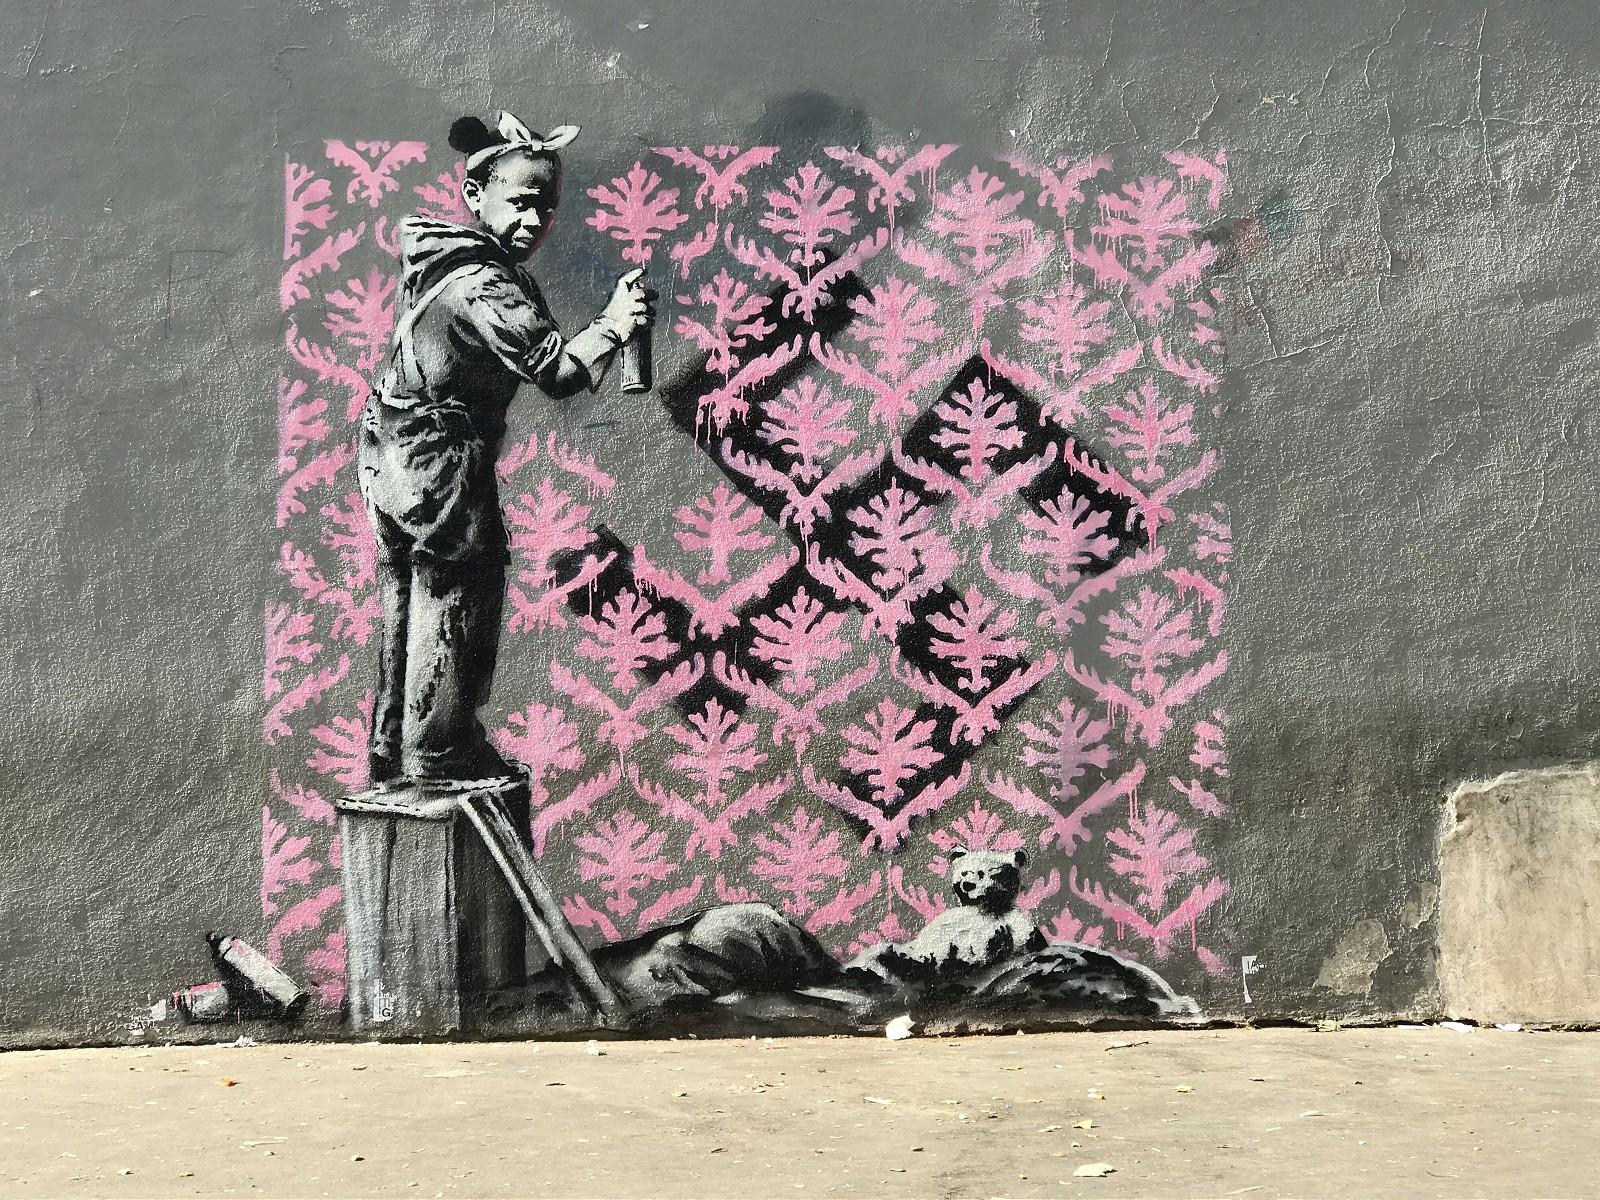 banksy est de retour paris avec la d couverte de 6 nouveaux street art. Black Bedroom Furniture Sets. Home Design Ideas